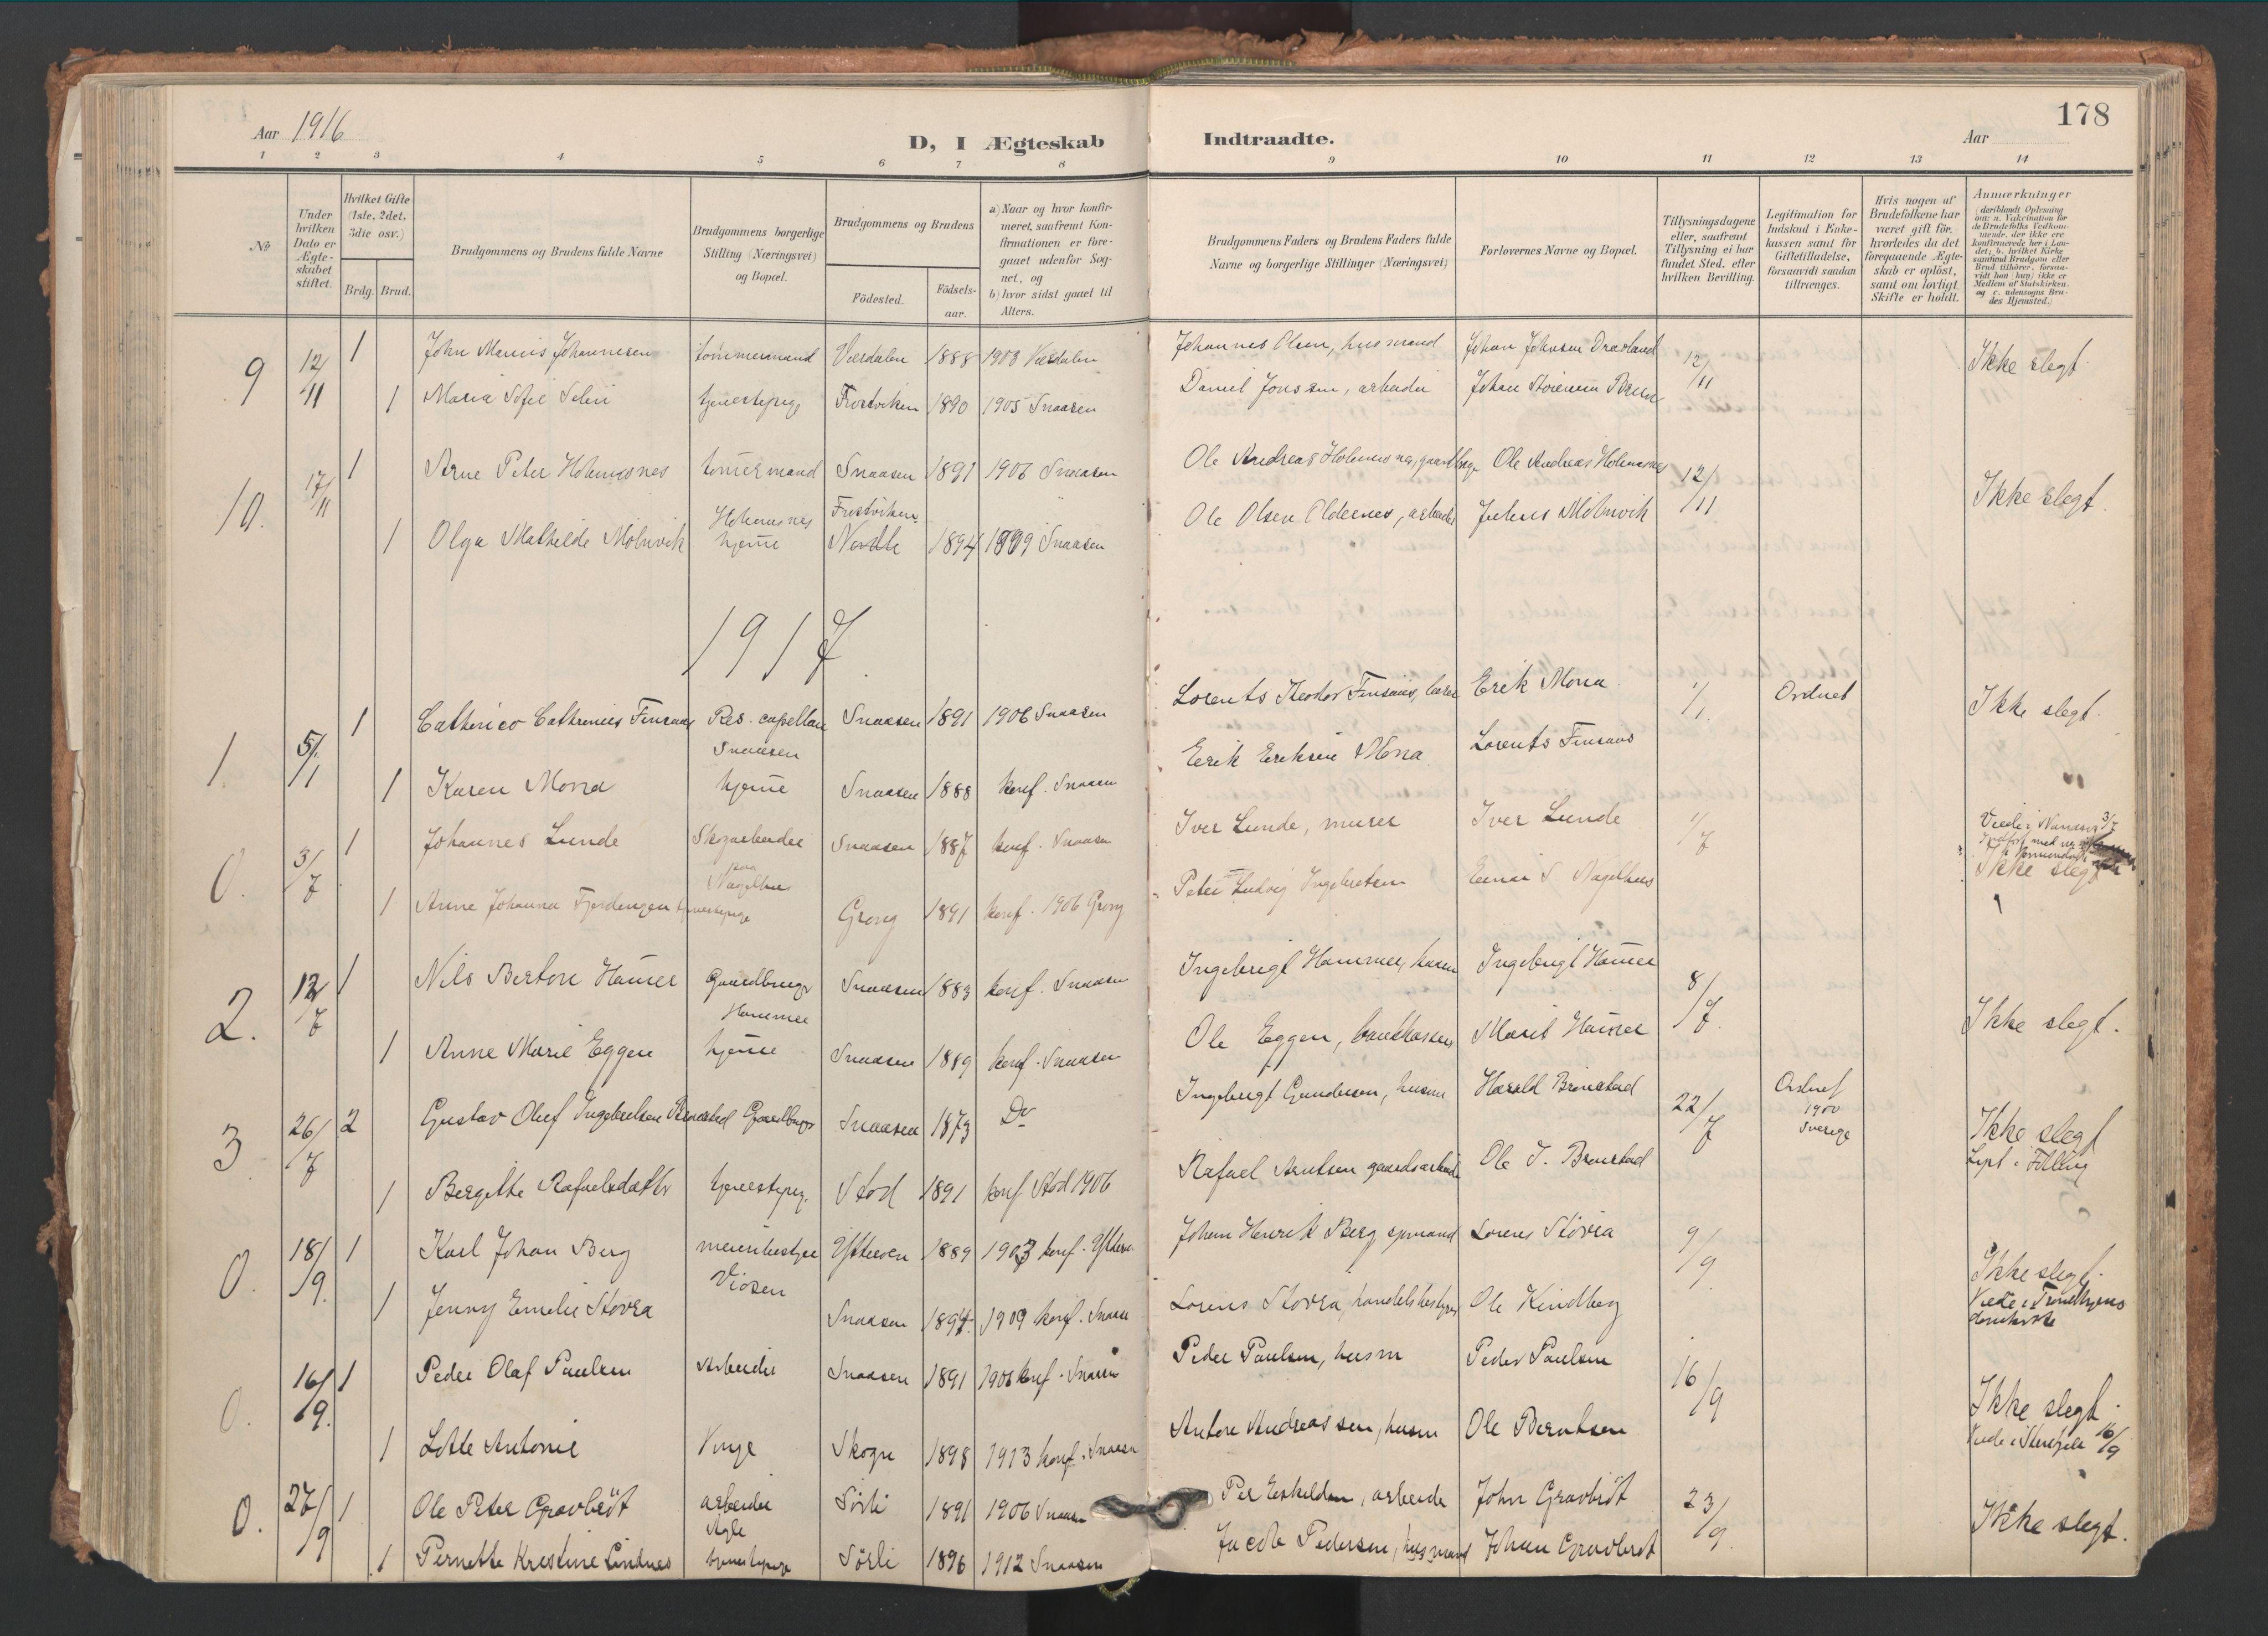 SAT, Ministerialprotokoller, klokkerbøker og fødselsregistre - Nord-Trøndelag, 749/L0477: Ministerialbok nr. 749A11, 1902-1927, s. 178